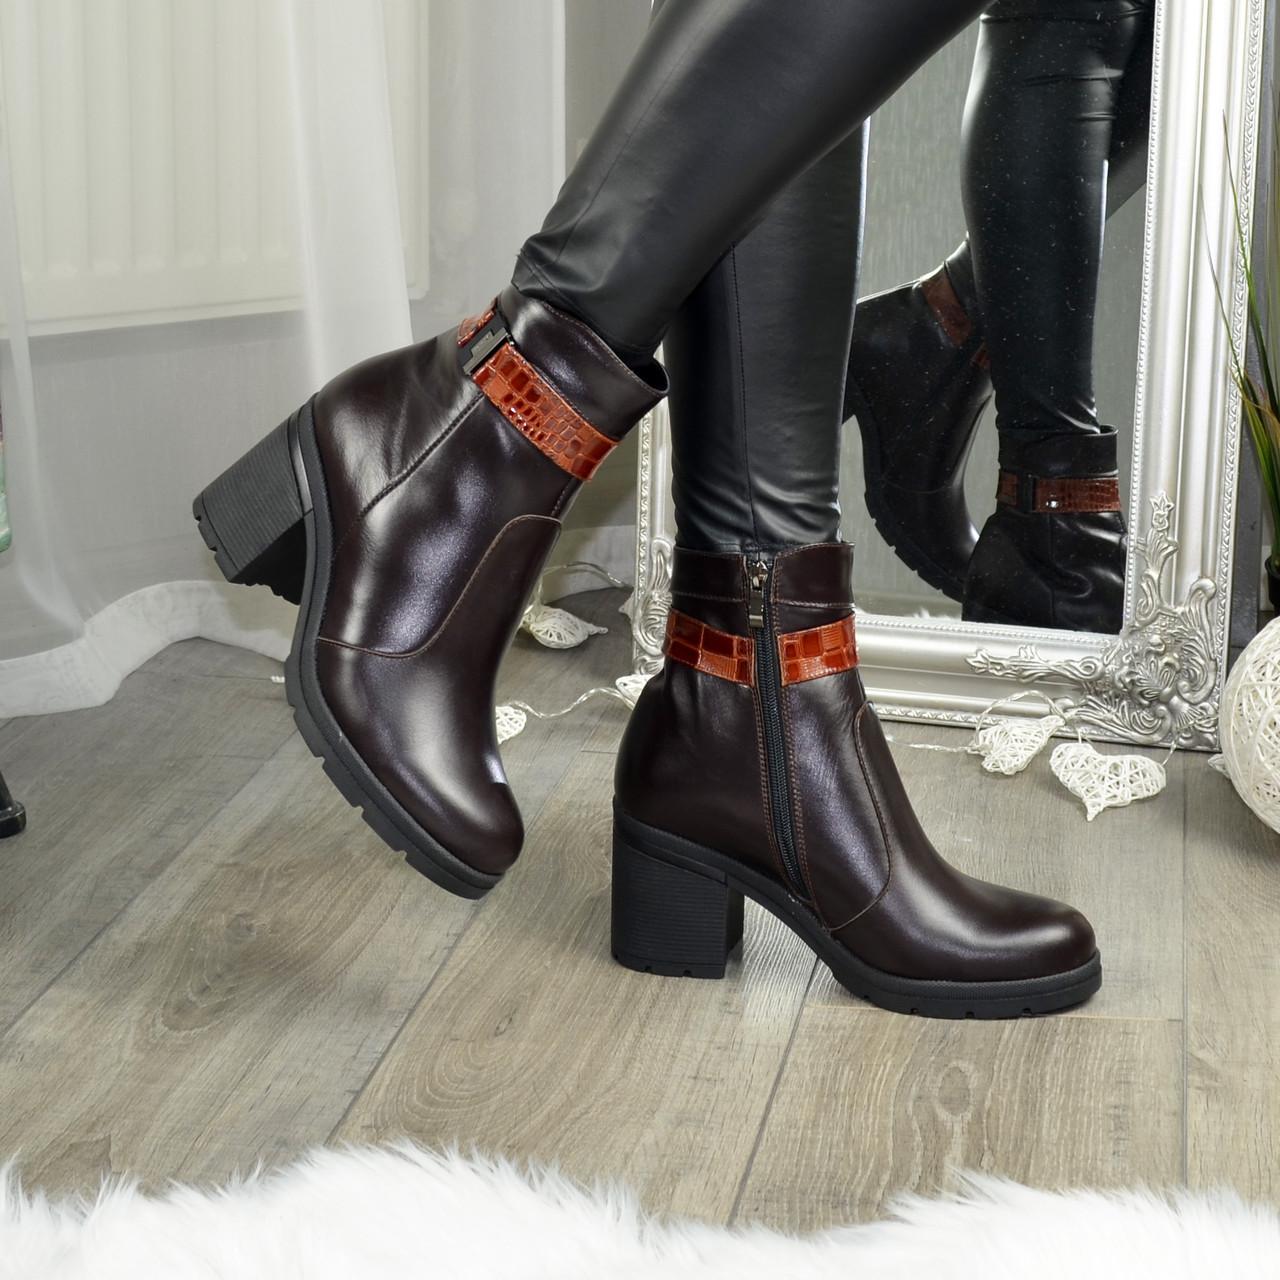 Полуботинки женские кожаные зимние на устойчивом каблуке, цвет коричневый